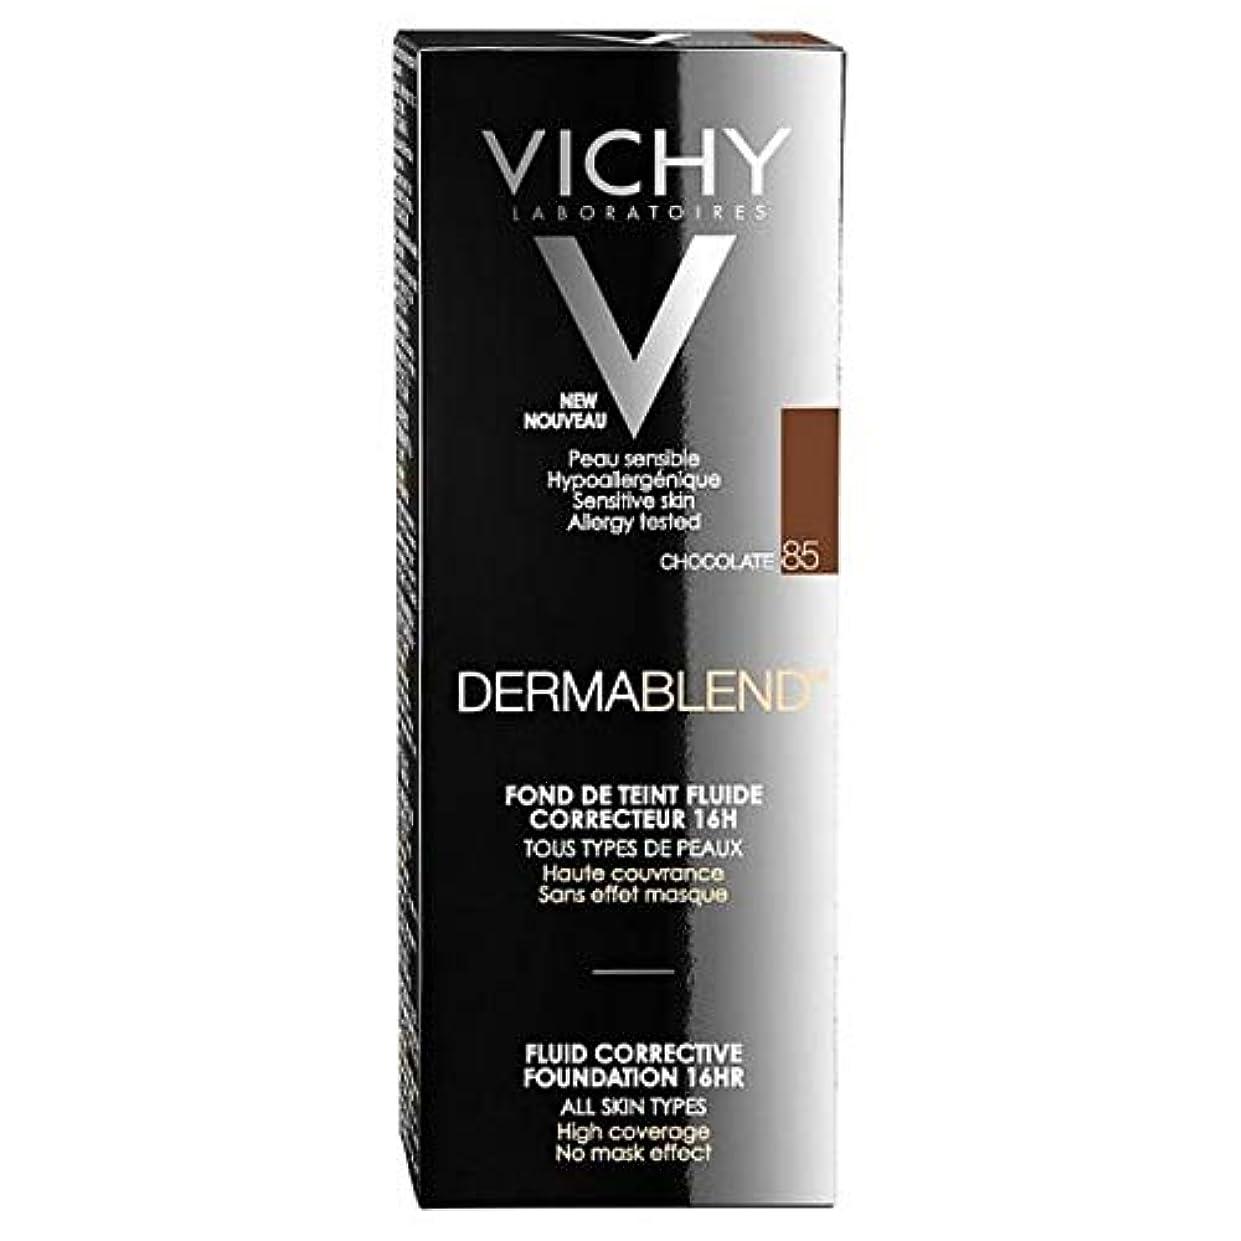 ウェイド設置不当[Vichy ] ヴィシーDermablend流体是正基盤85 30ミリリットル - Vichy Dermablend Fluid Corrective Foundation 85 30ml [並行輸入品]